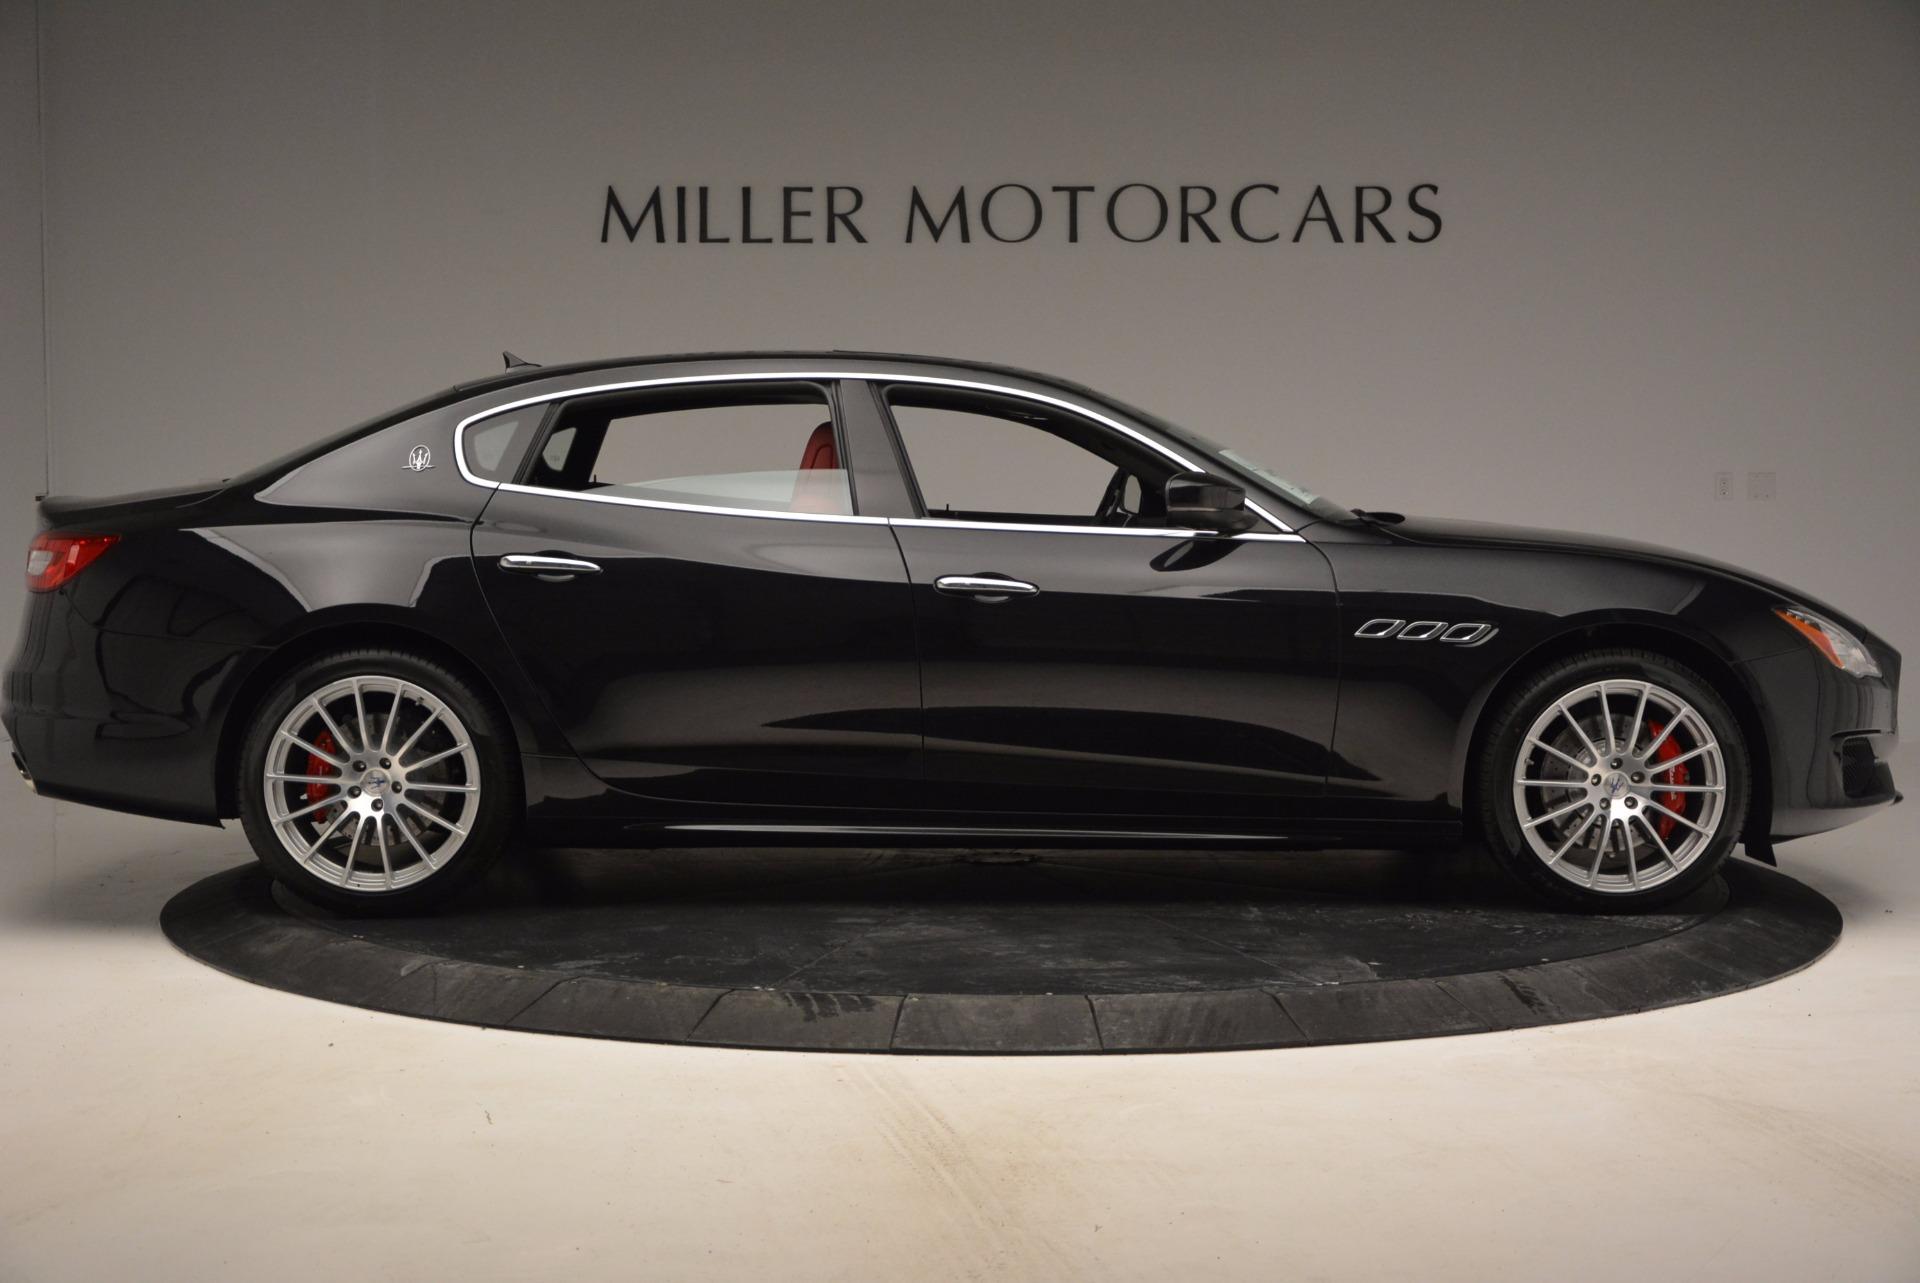 New 2017 Maserati Quattroporte S Q4 GranSport For Sale In Westport, CT 685_p9